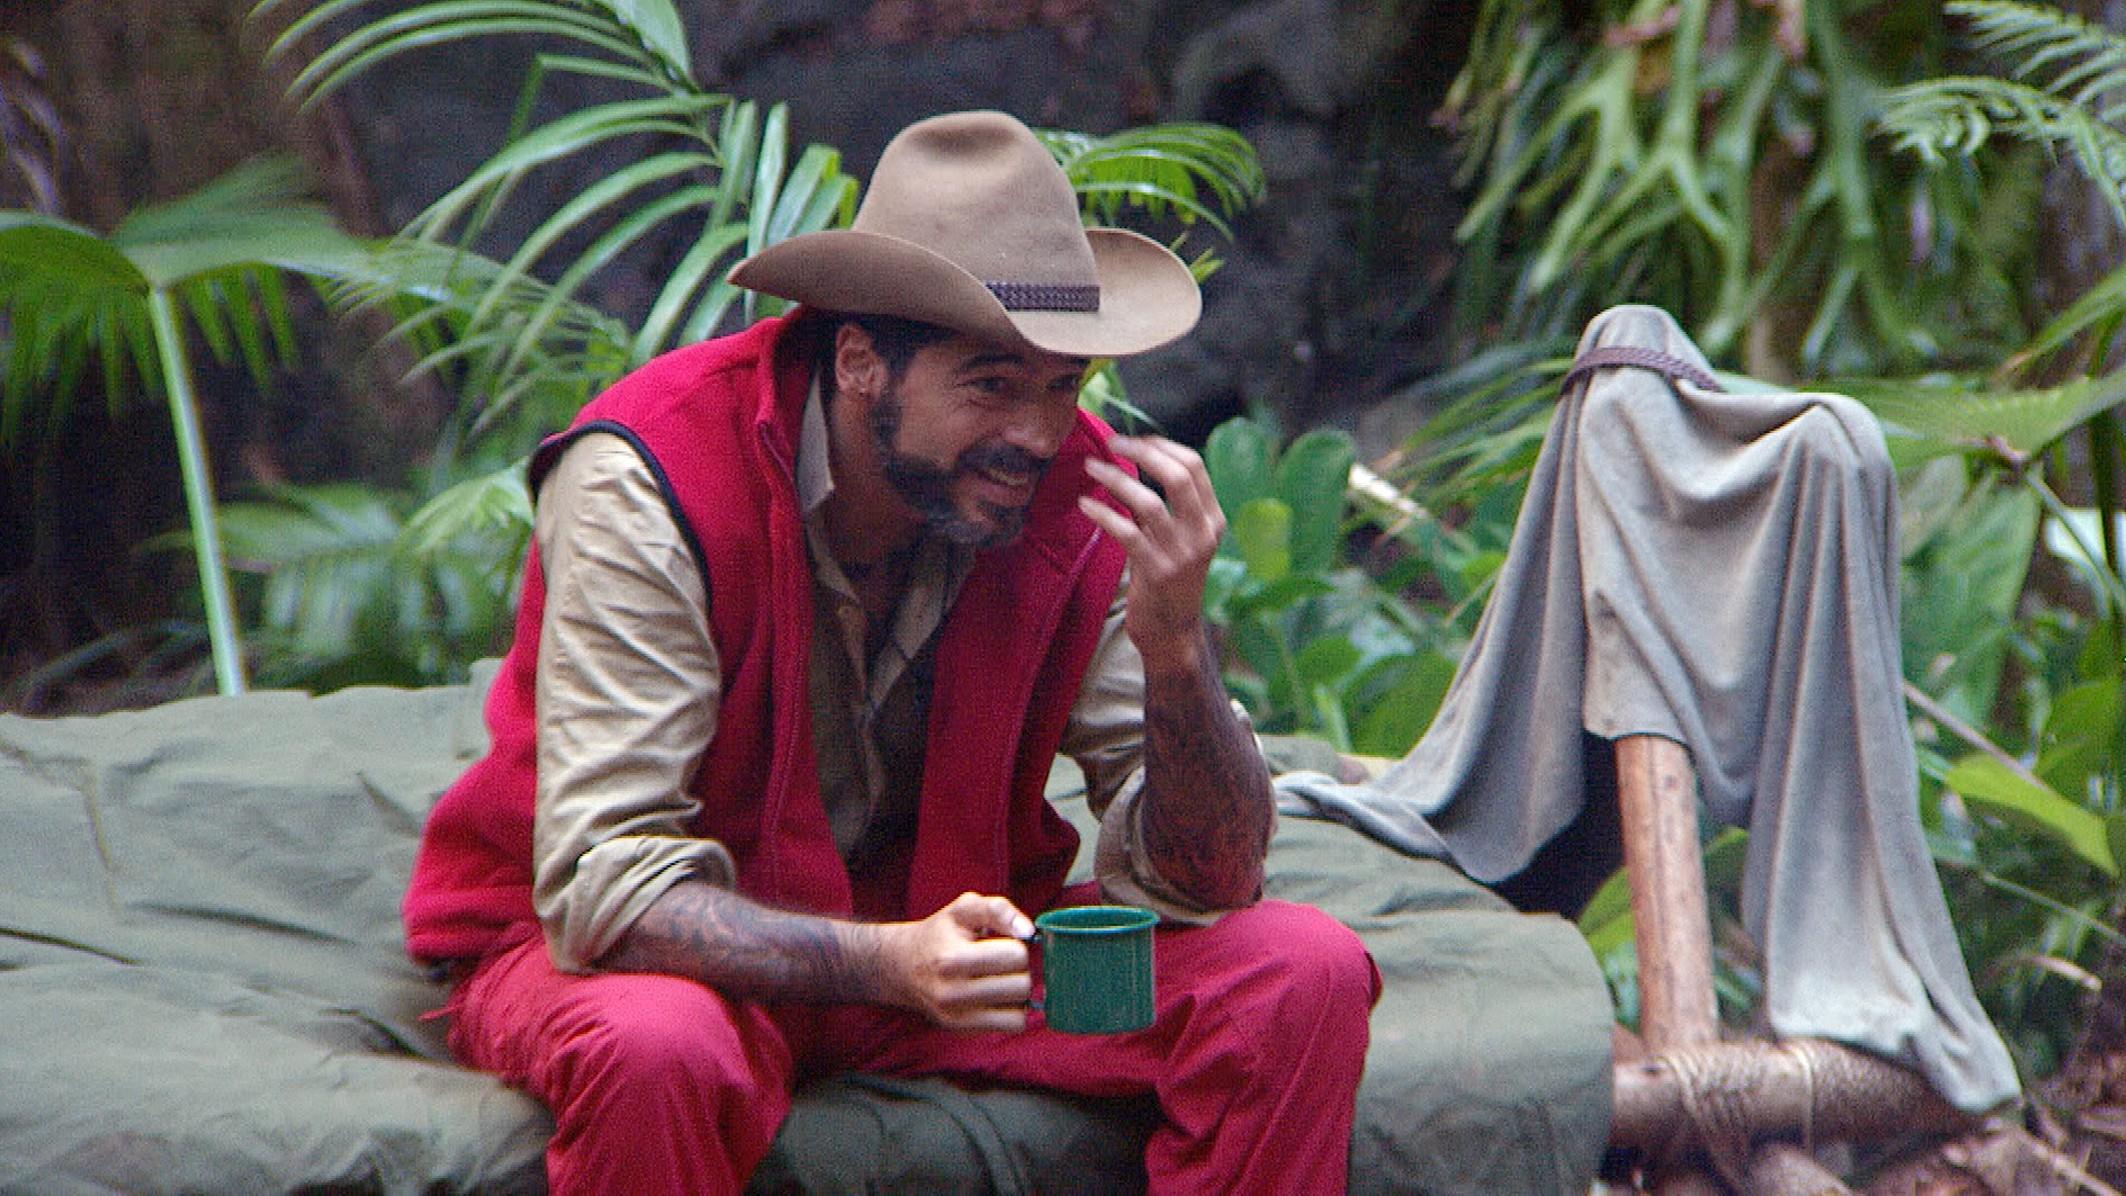 Walter Freiwald Auszug Dschungelcamp 2015 noch immer Thema Tag 15 Aurelio Savina